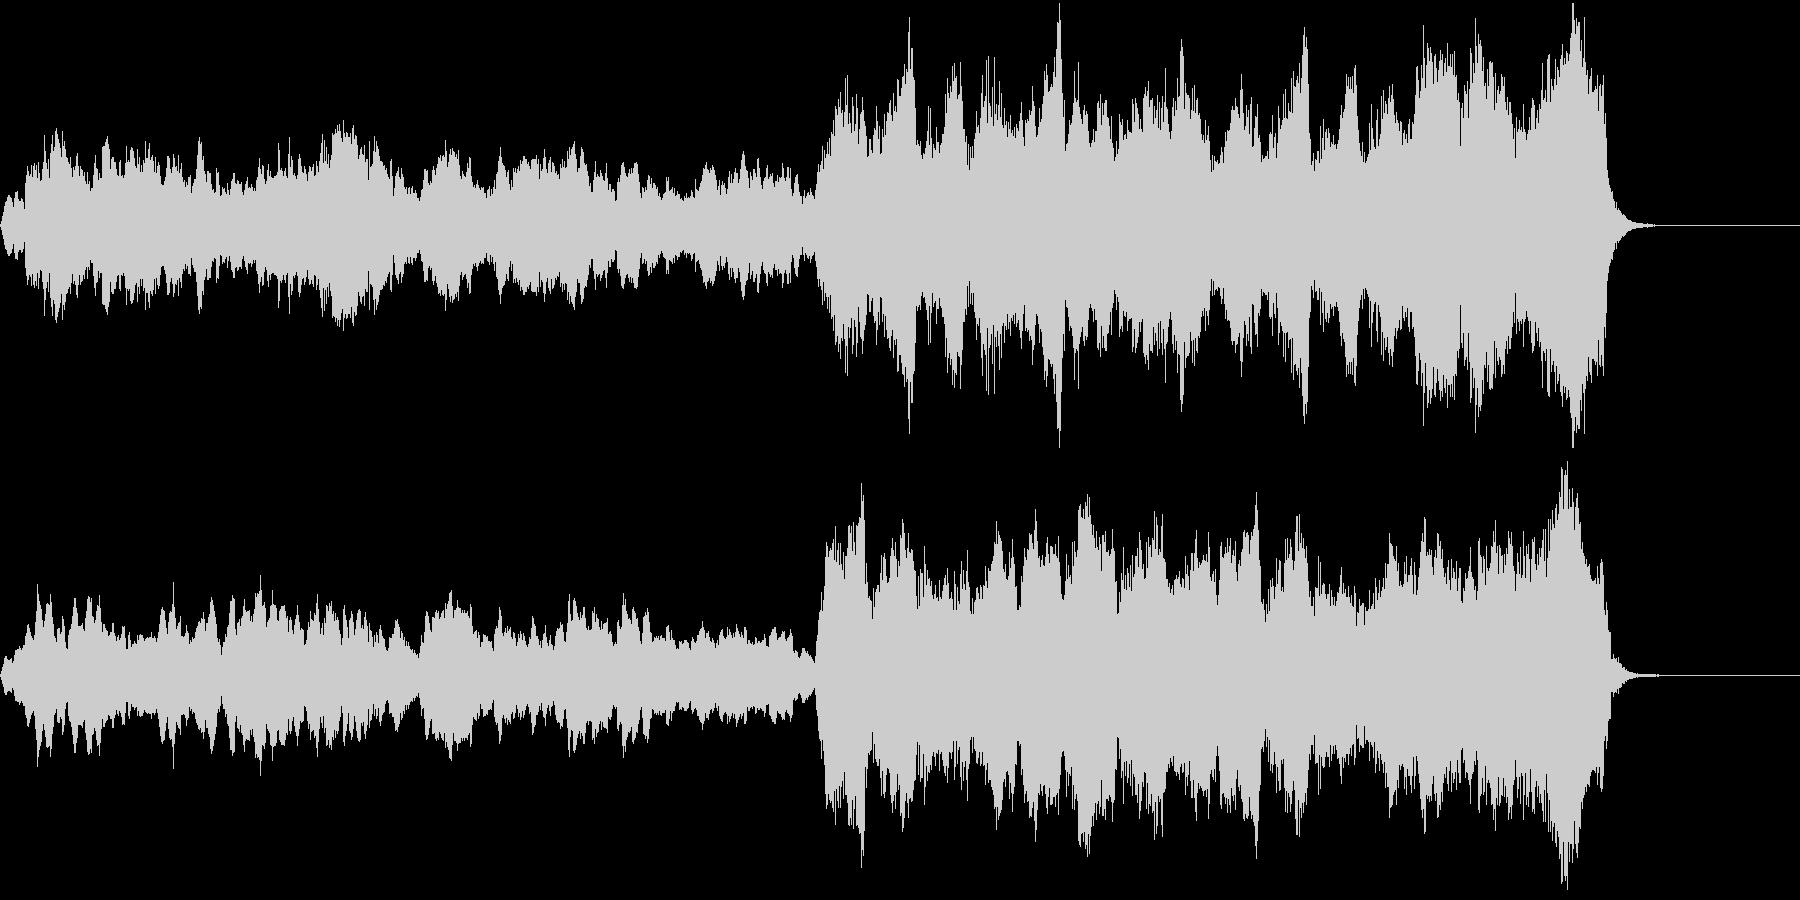 切ない別れの季節の曲/短調の未再生の波形